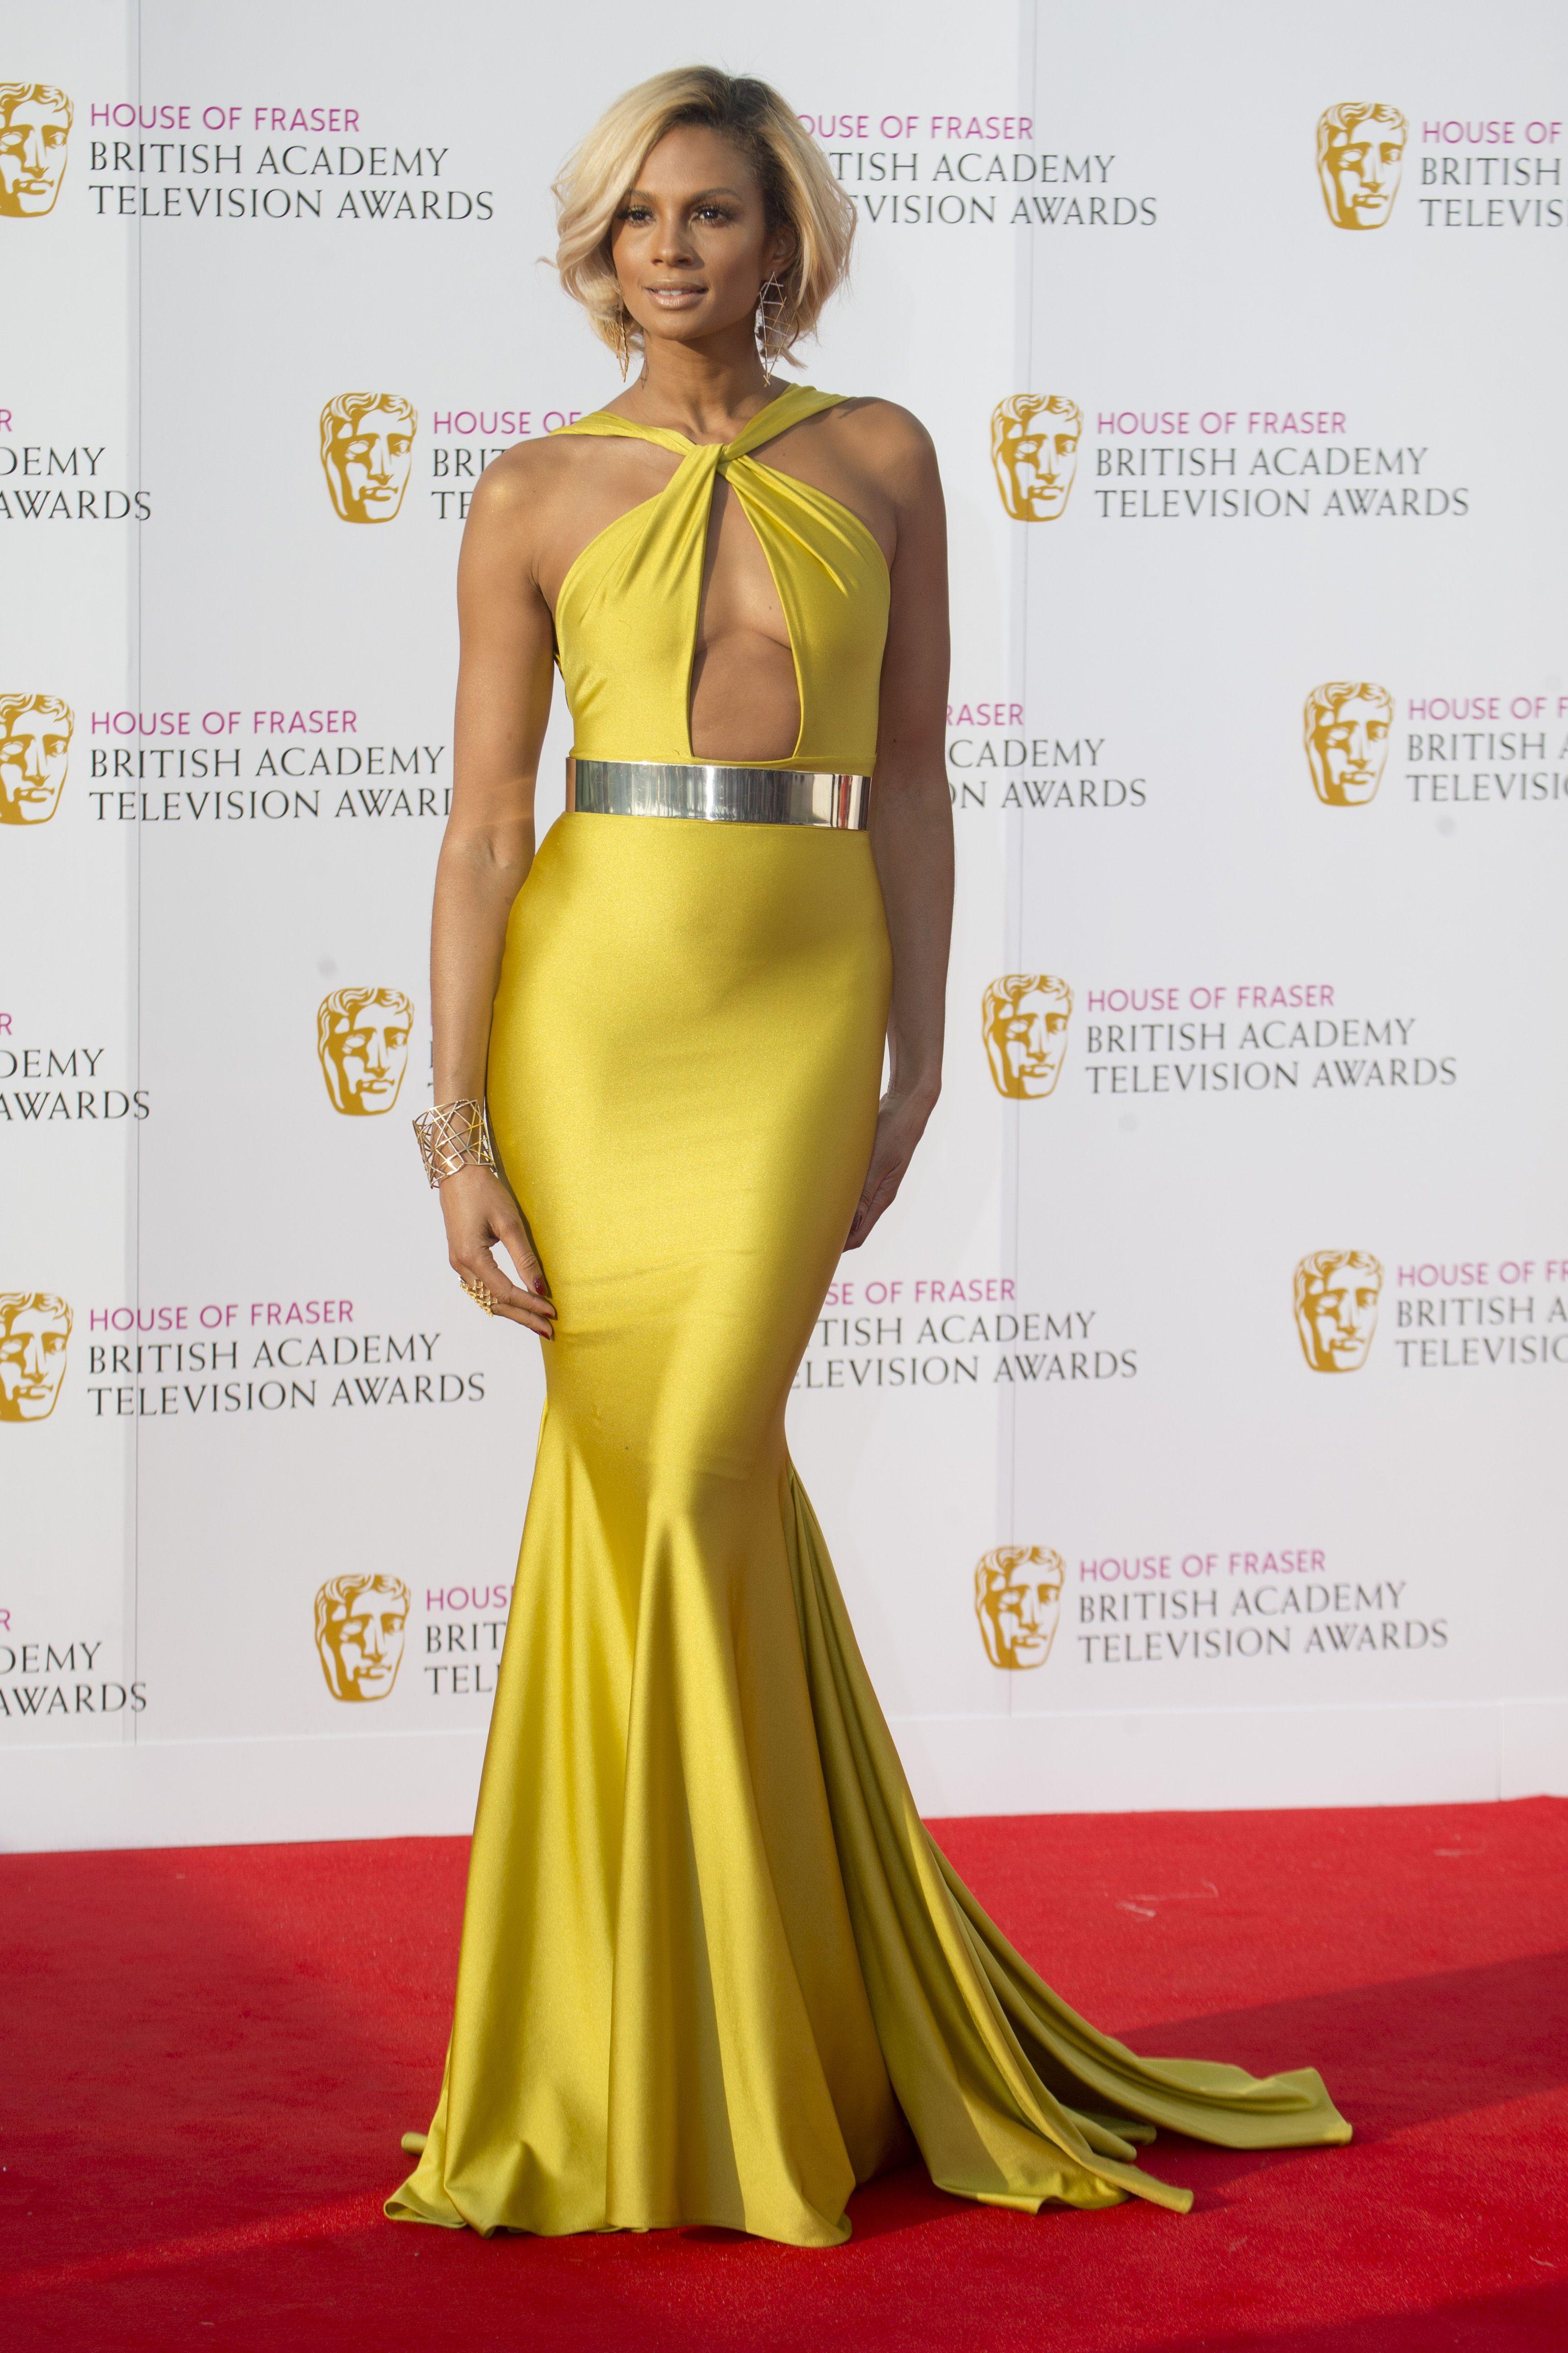 Bafta Awards 2016 red carpet dresses